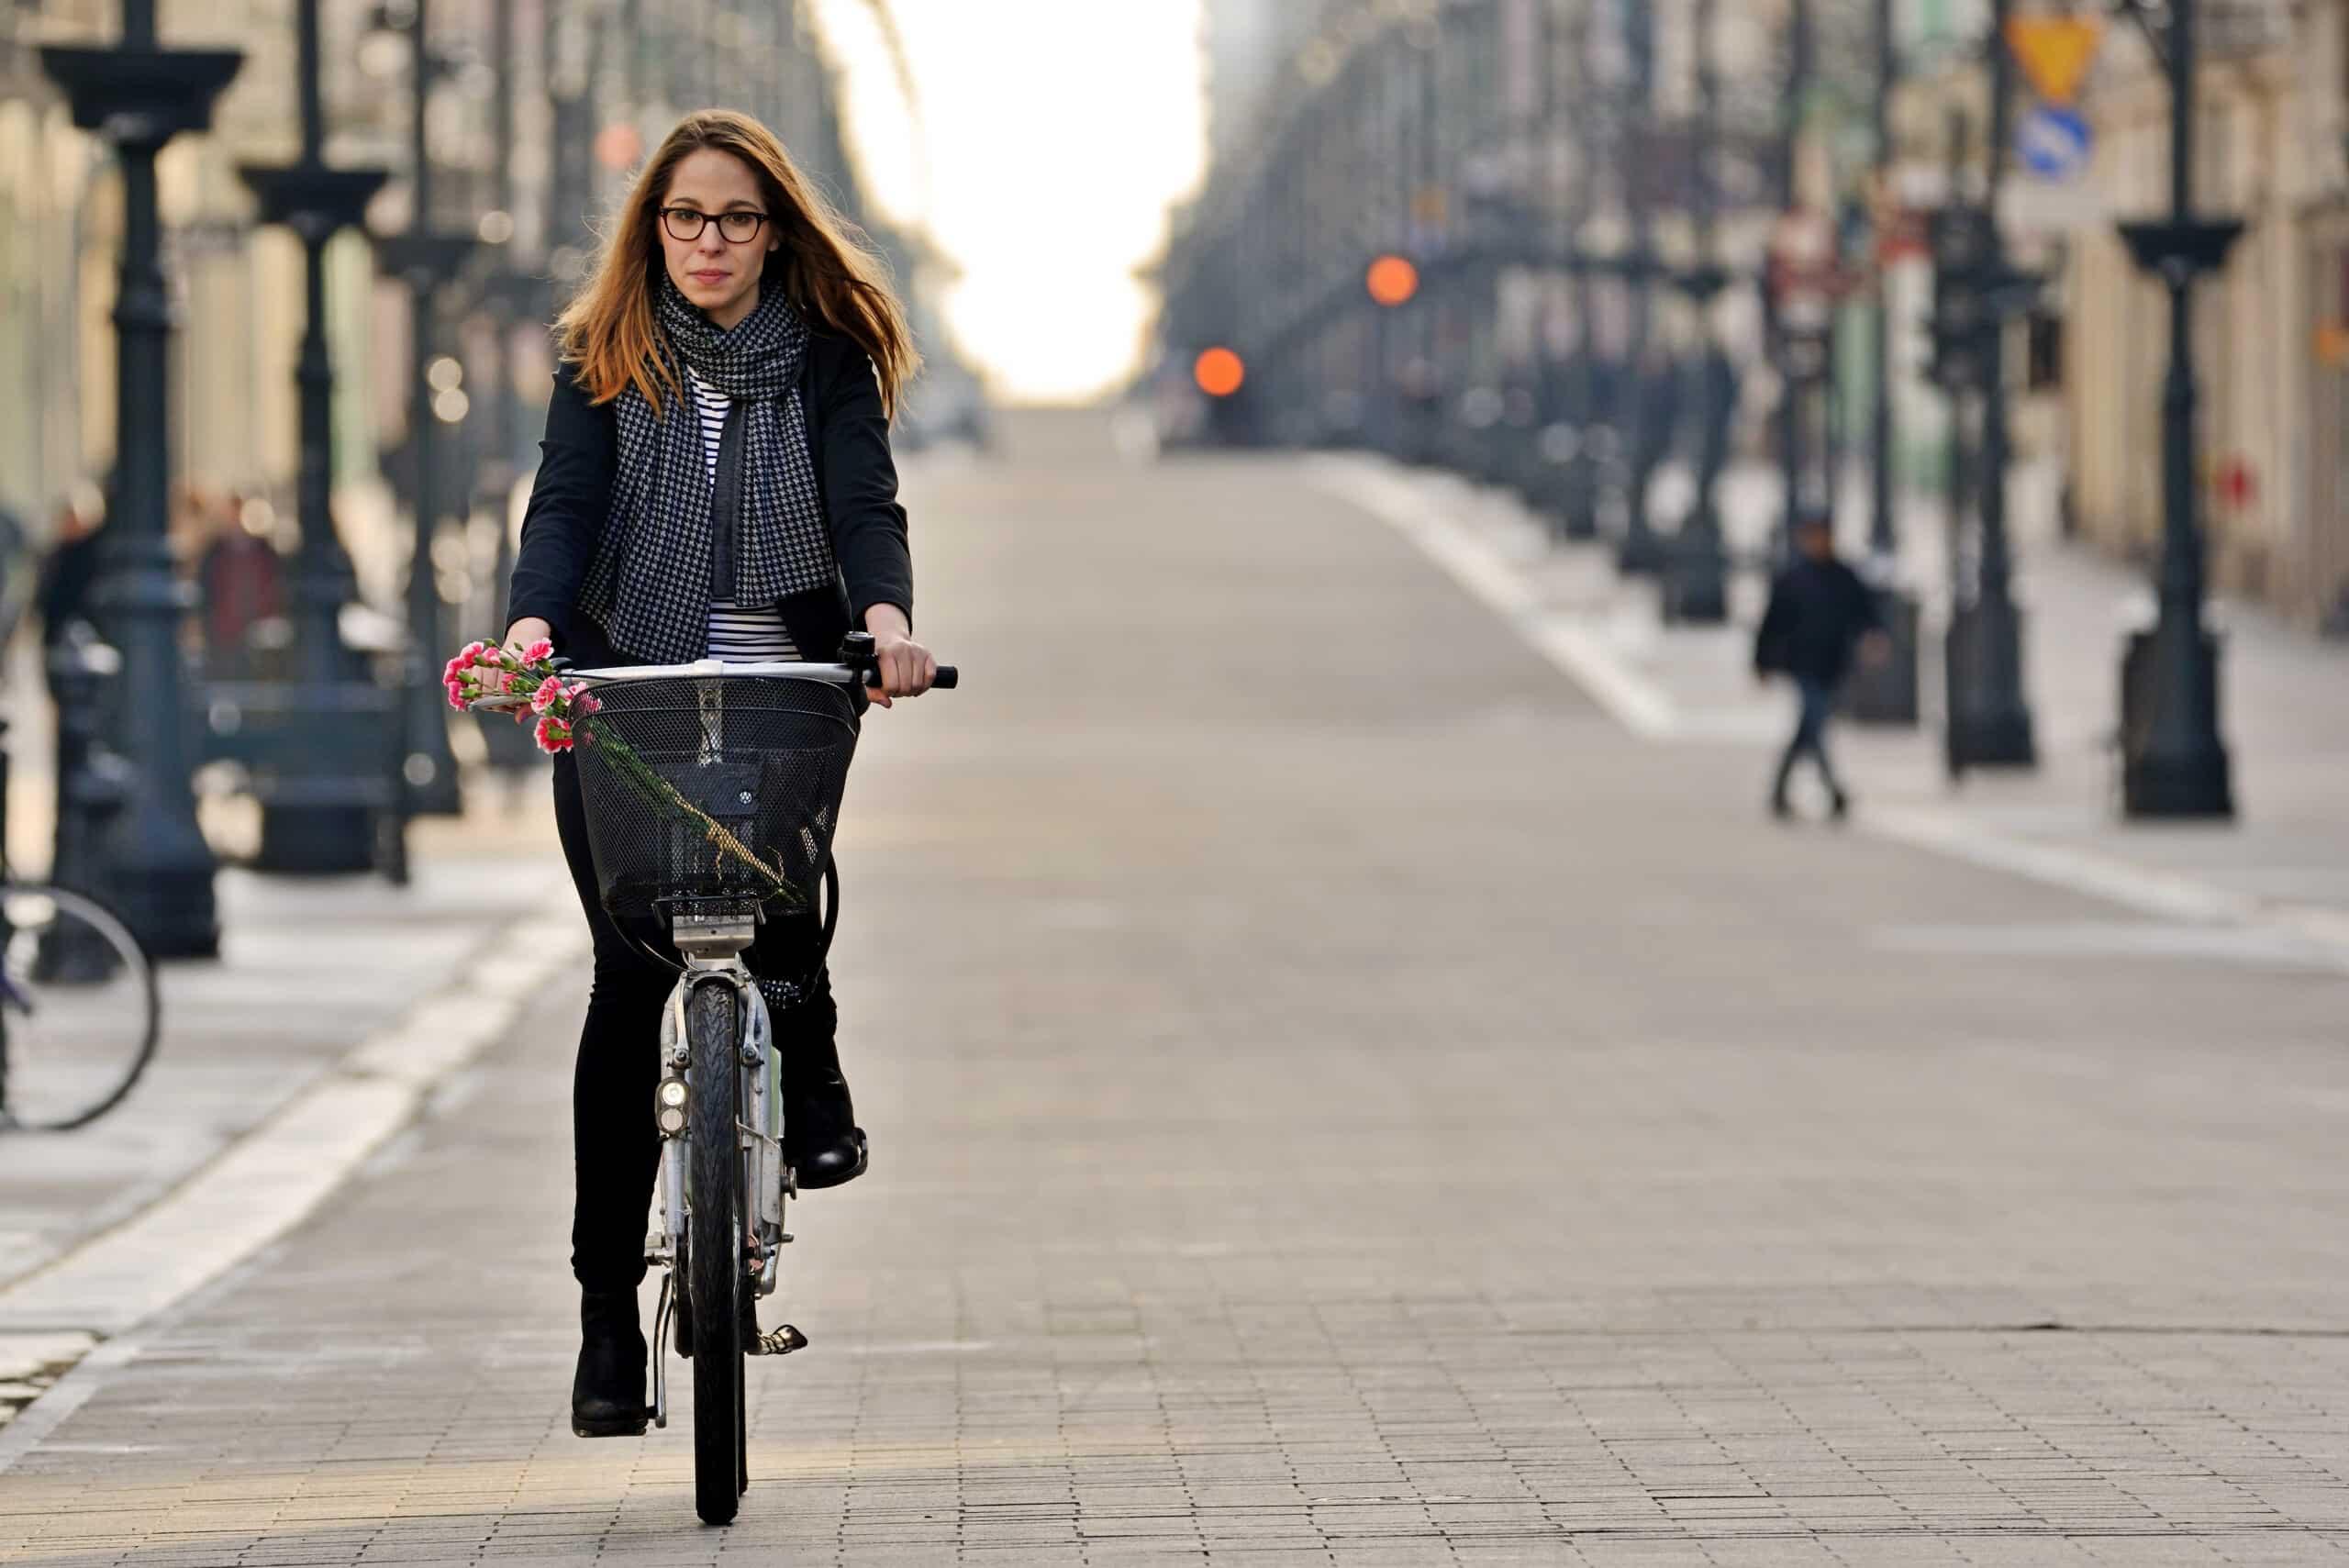 Dlaczego warto kupić rower?